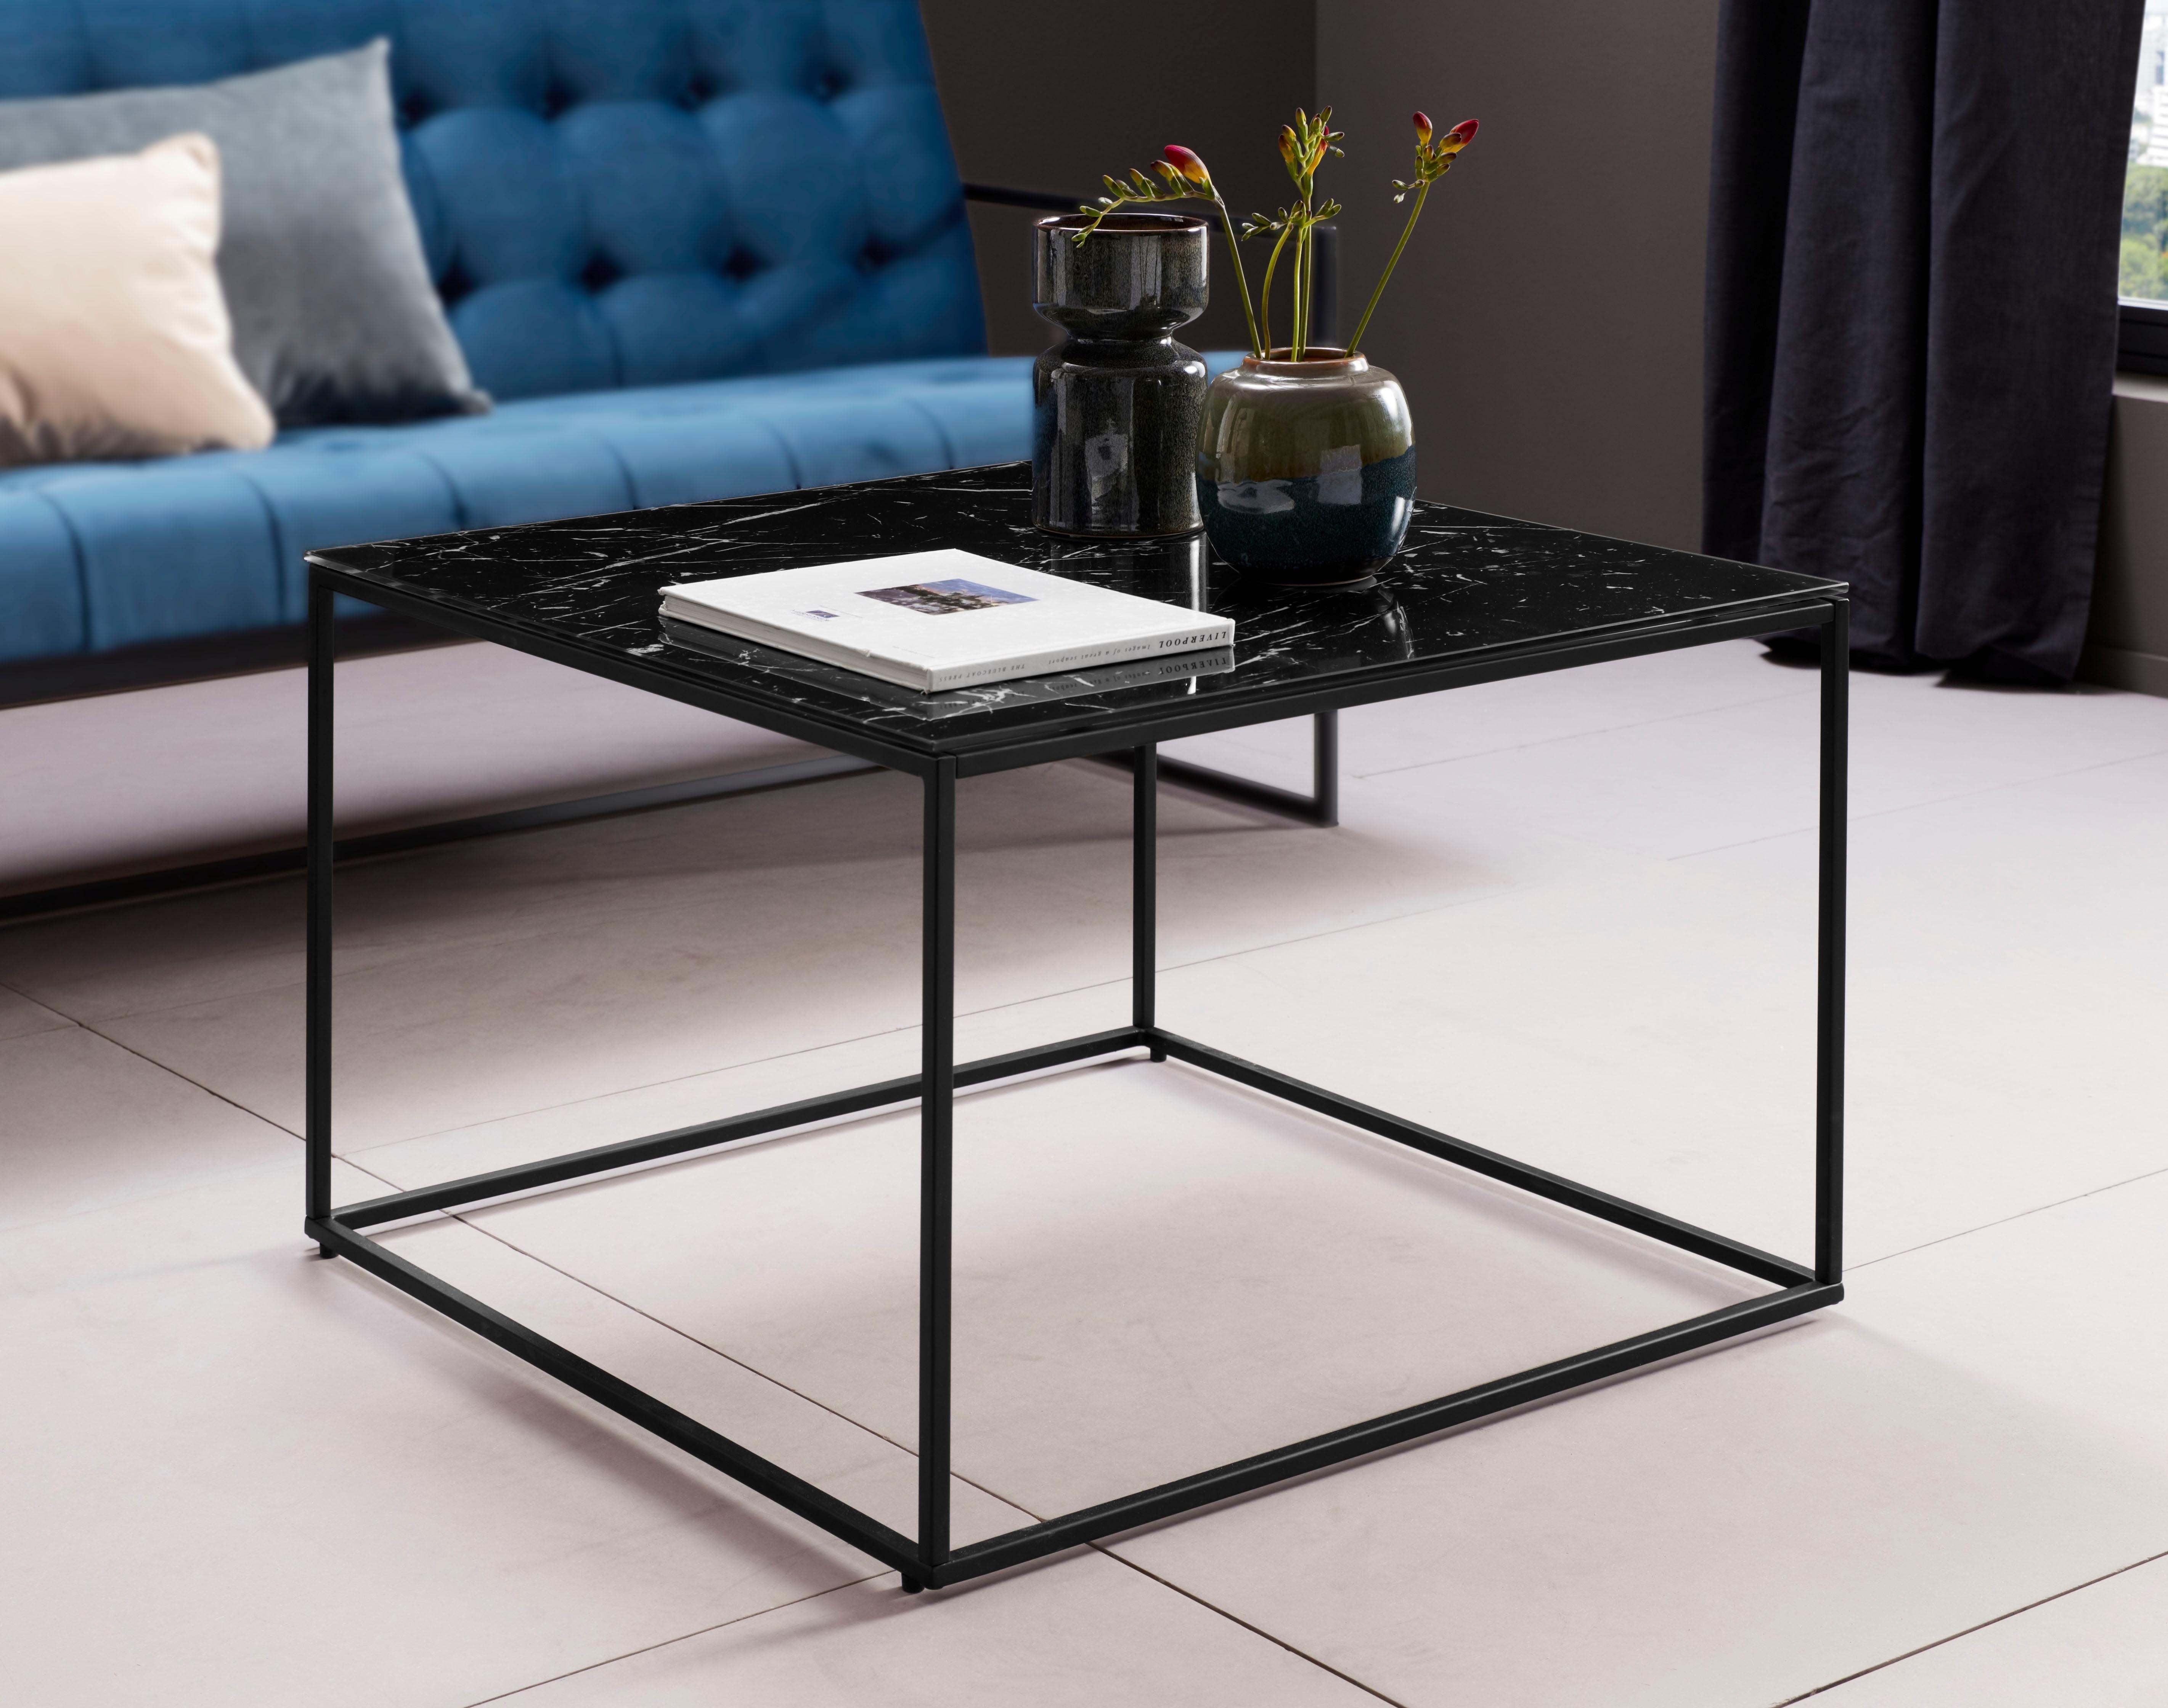 otto versand couchtisch ligne roset couchtisch. Black Bedroom Furniture Sets. Home Design Ideas